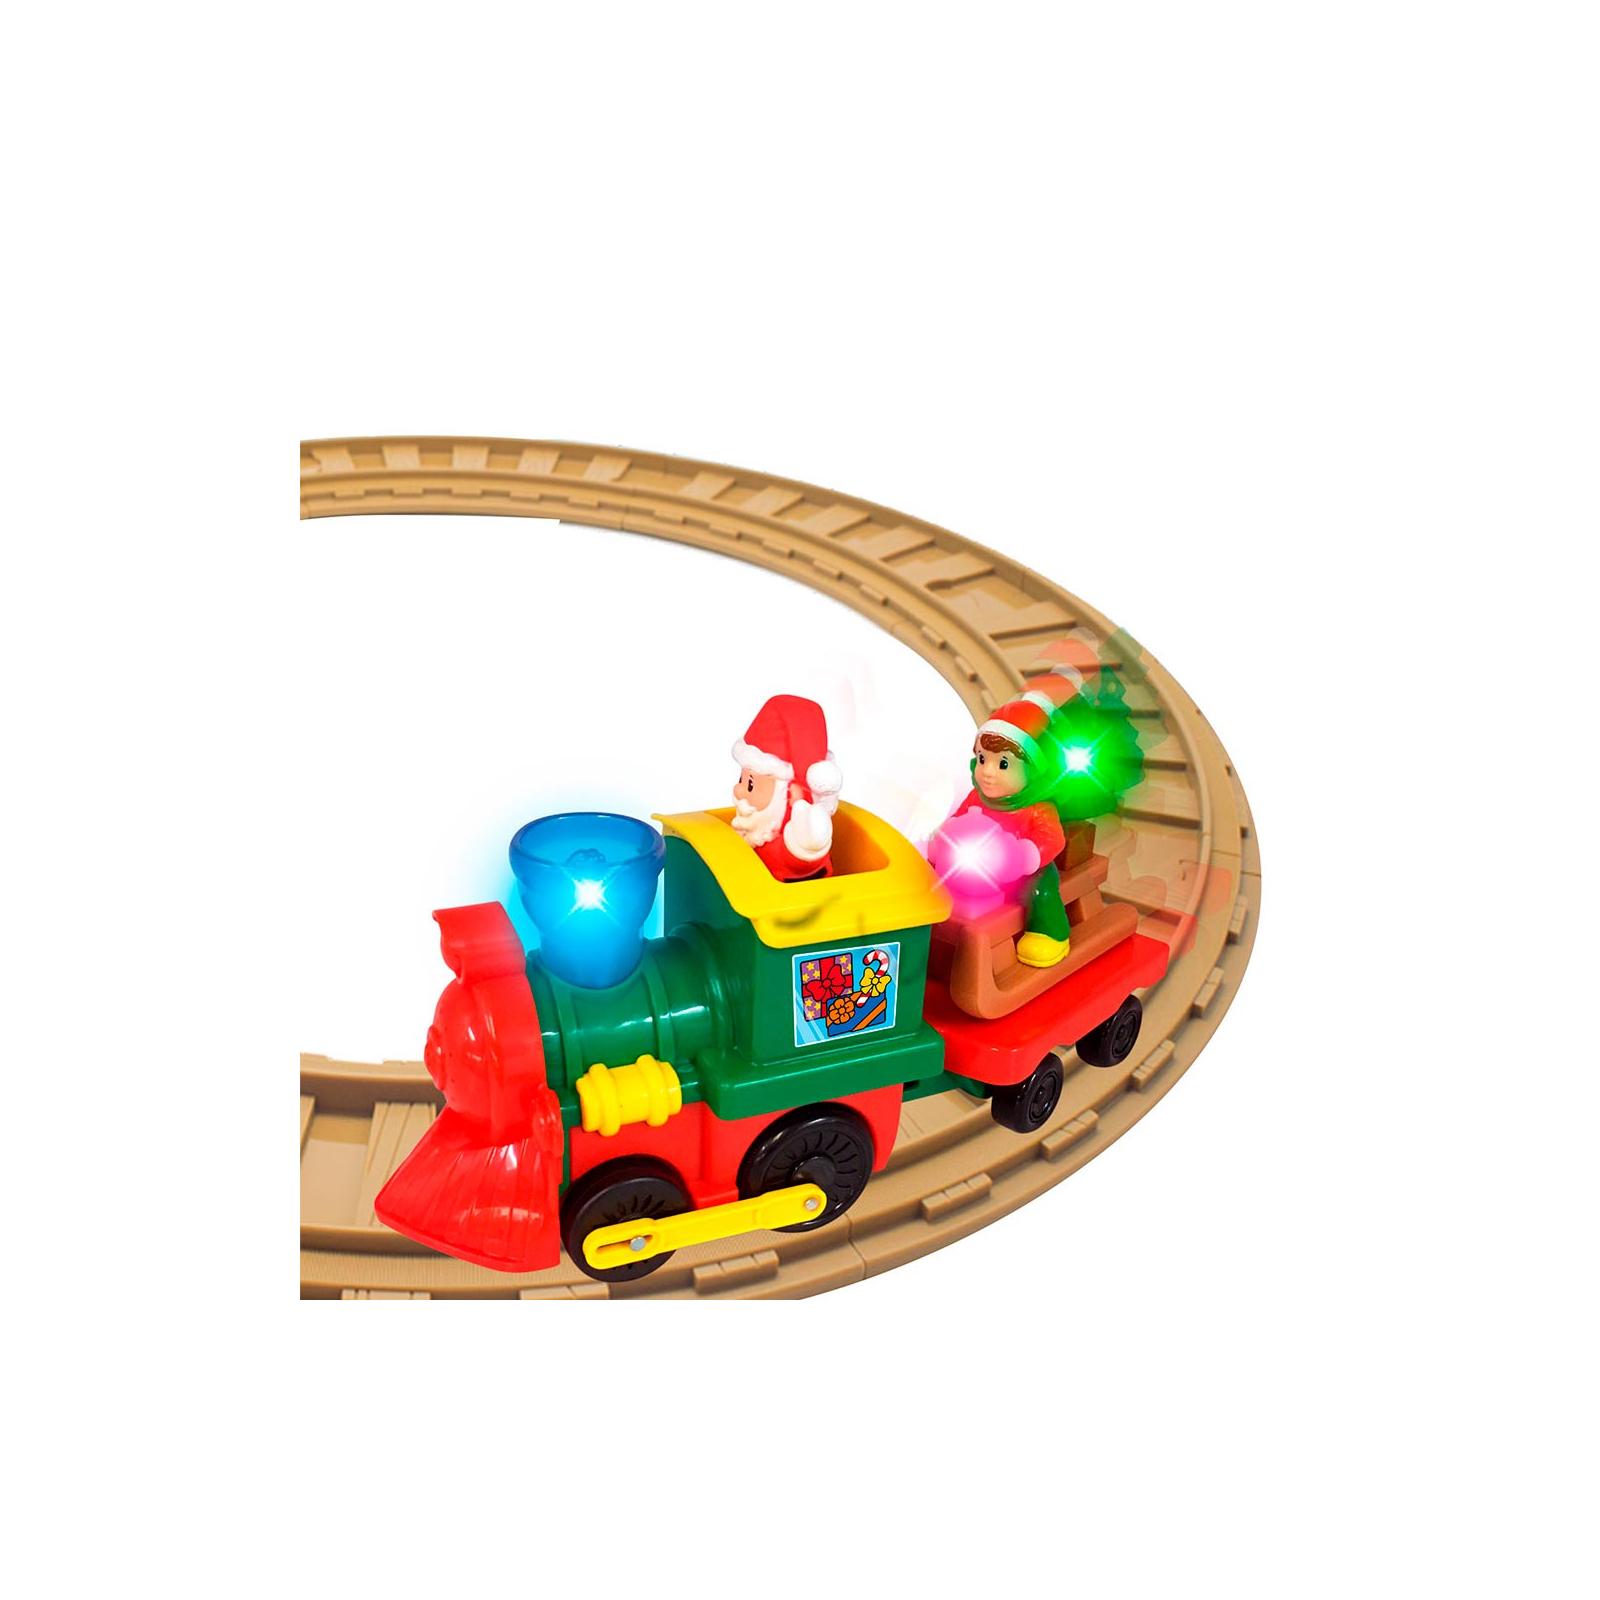 Железная дорога Kiddieland с железной дорогой Рождественский экспресс (056770) изображение 2